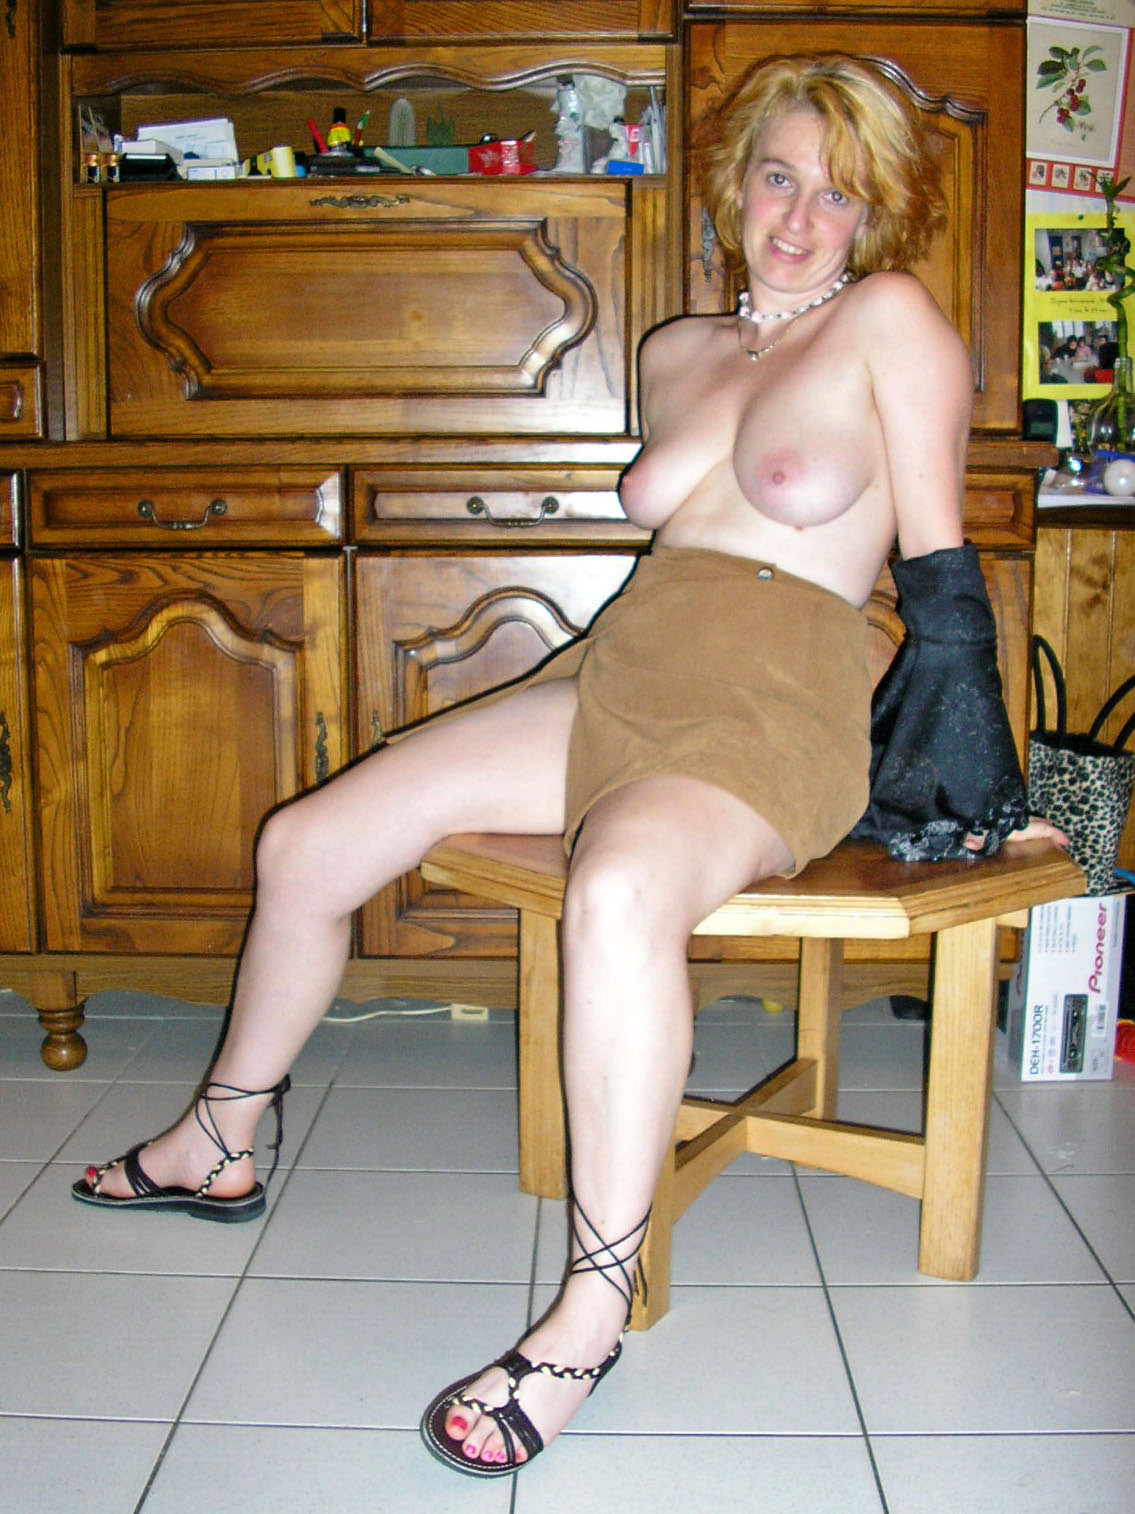 Зрелая рыжеволосая женщина оголилась на кухонном столе